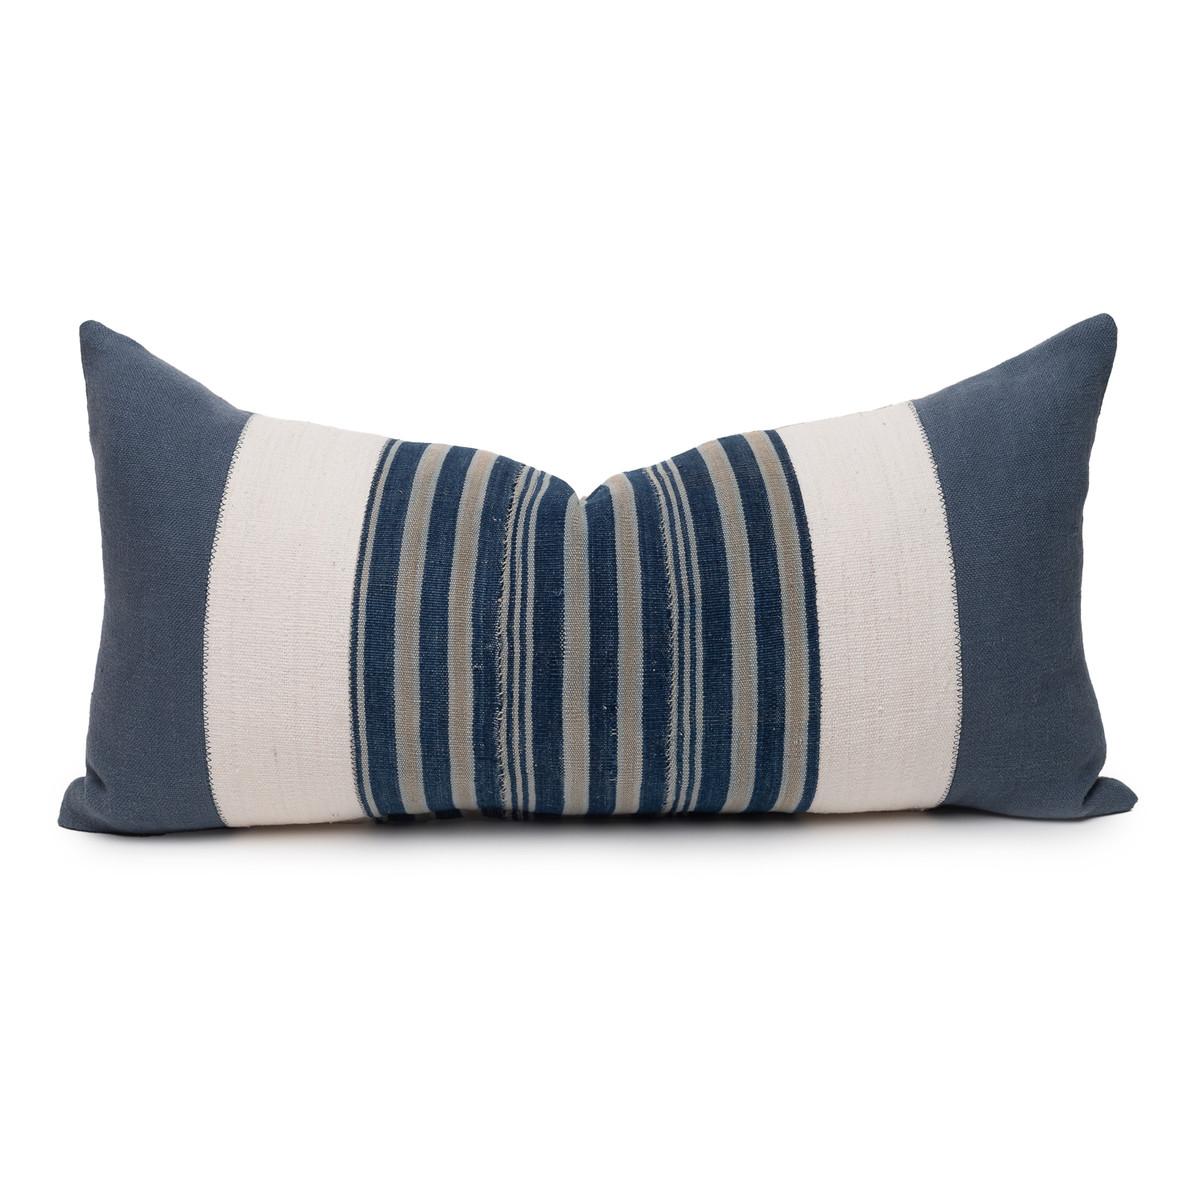 Marin Lumbar Blue Indigo Mud Cloth Pillow - 1427 - Front View